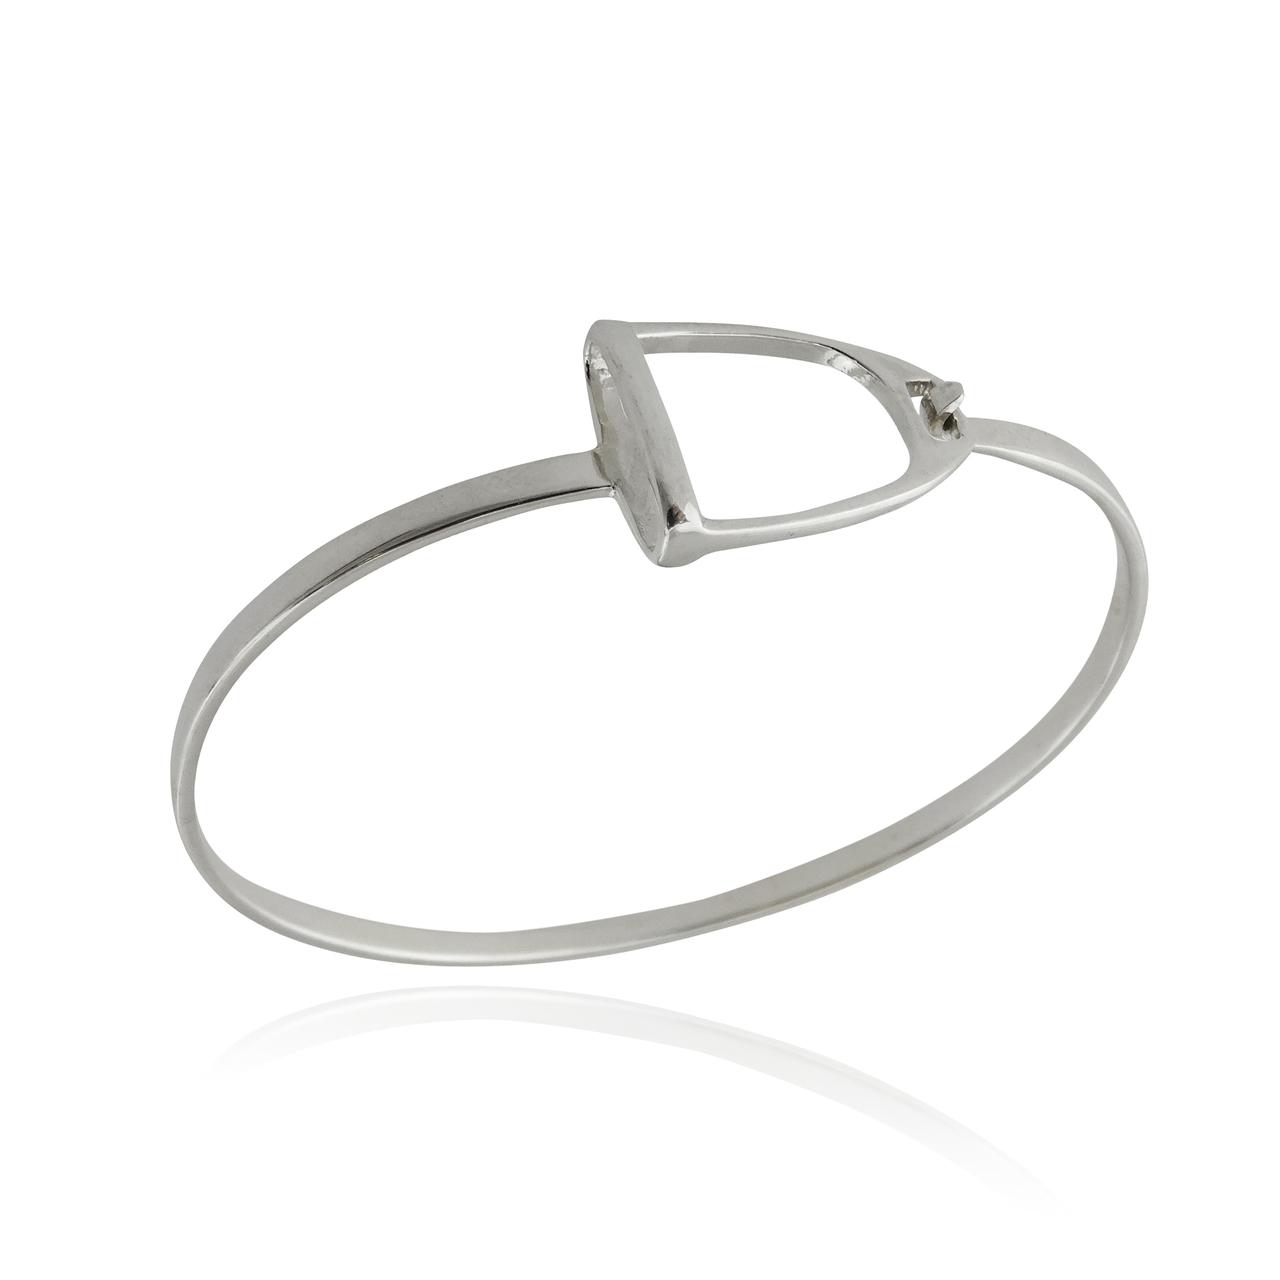 Stirrup BANGLE Bracelet - 925 Sterling Silver - Horse Saddle